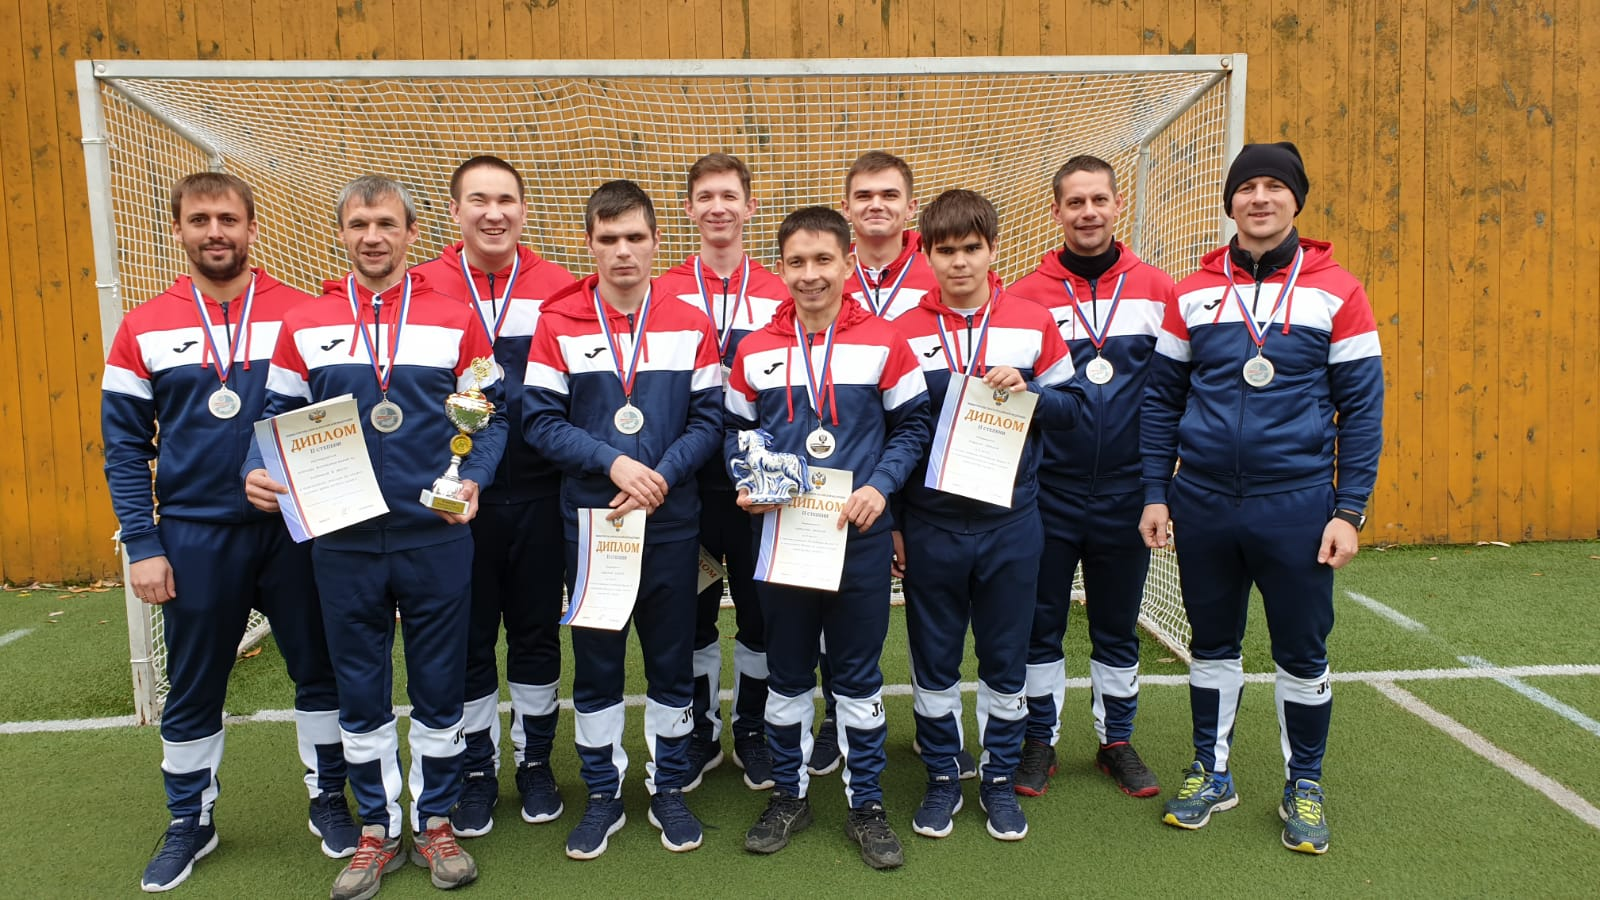 Команда из Марий Эл заняла второе место в чемпионате по мини-футболу среди слепых